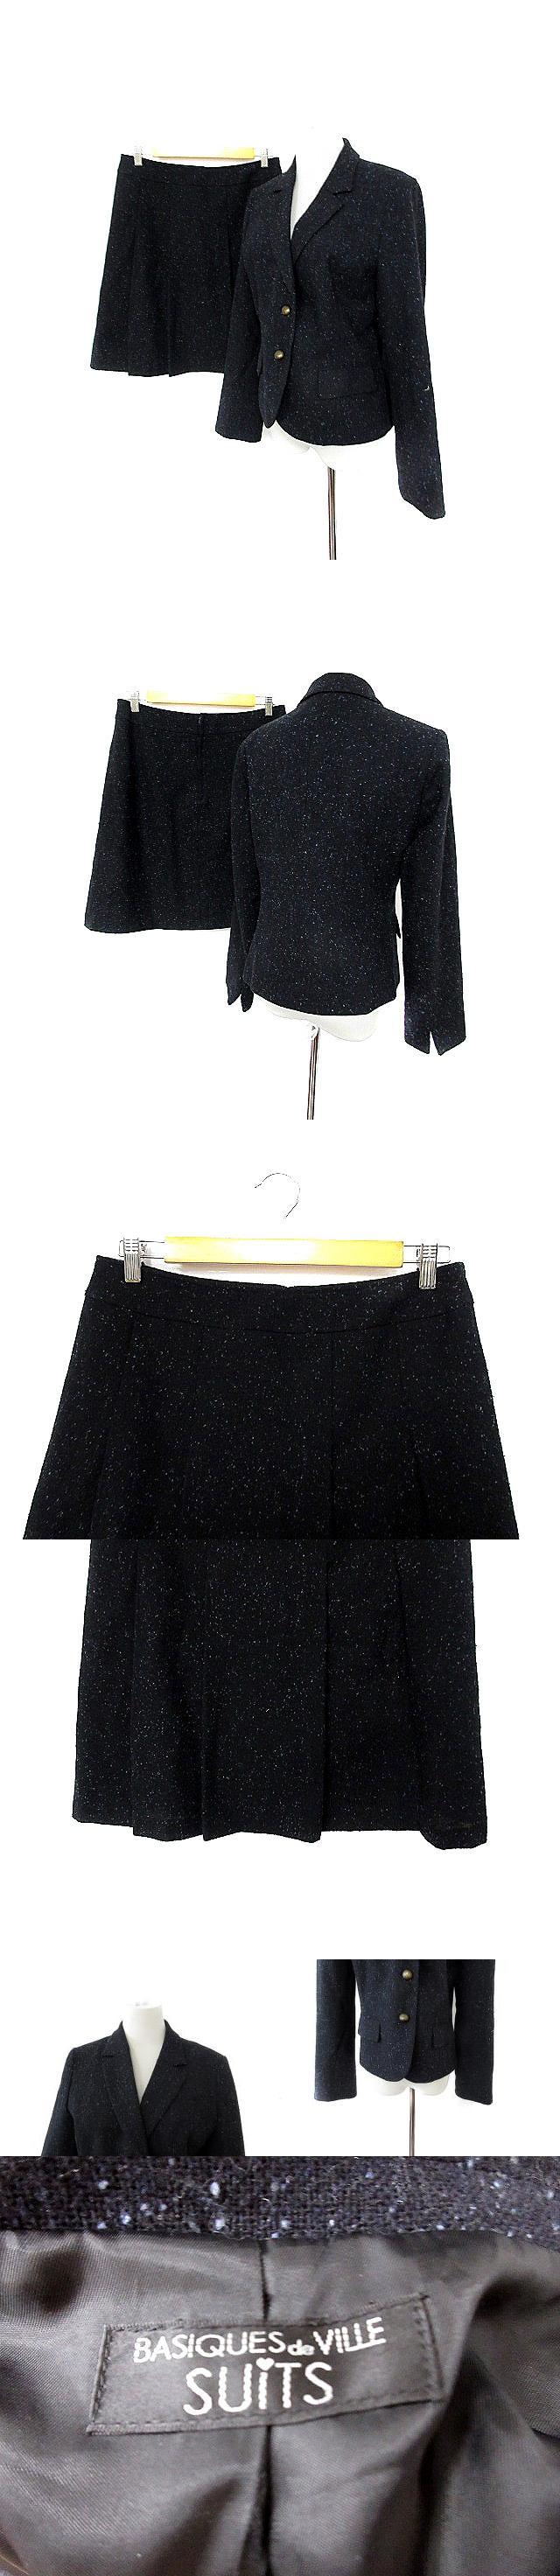 basiques de ville suits スーツ セットアップ 上下  ジャケット テーラード 総裏地 シングルボタン スカート フレア ひざ丈 総柄 紺 ネイビー /AKK3